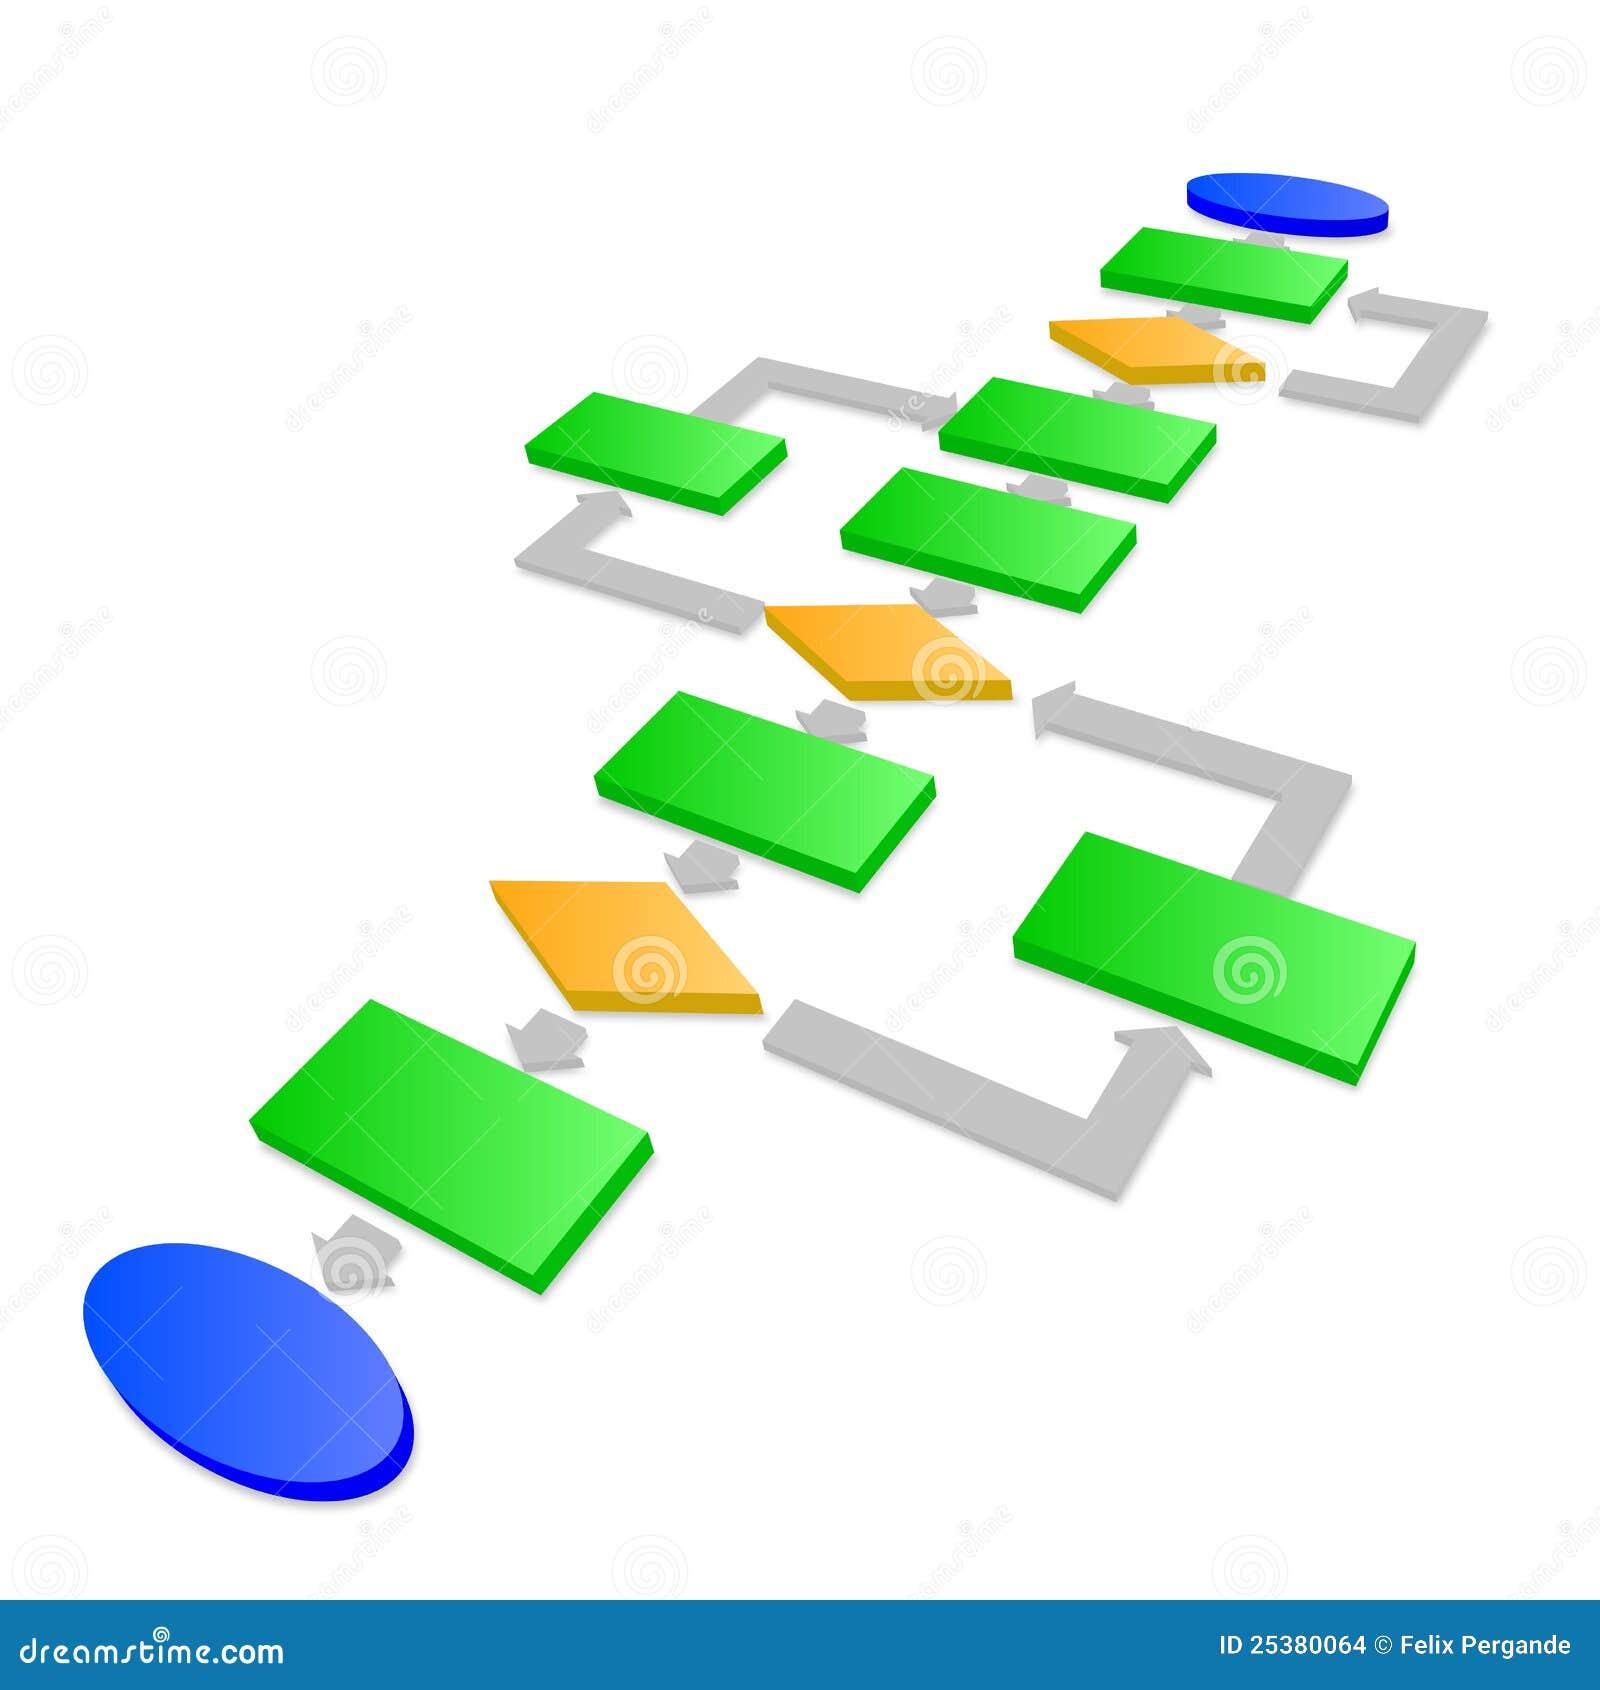 Gemütlich Flussdiagramm Wiki Bilder - Elektrische Schaltplan-Ideen ...